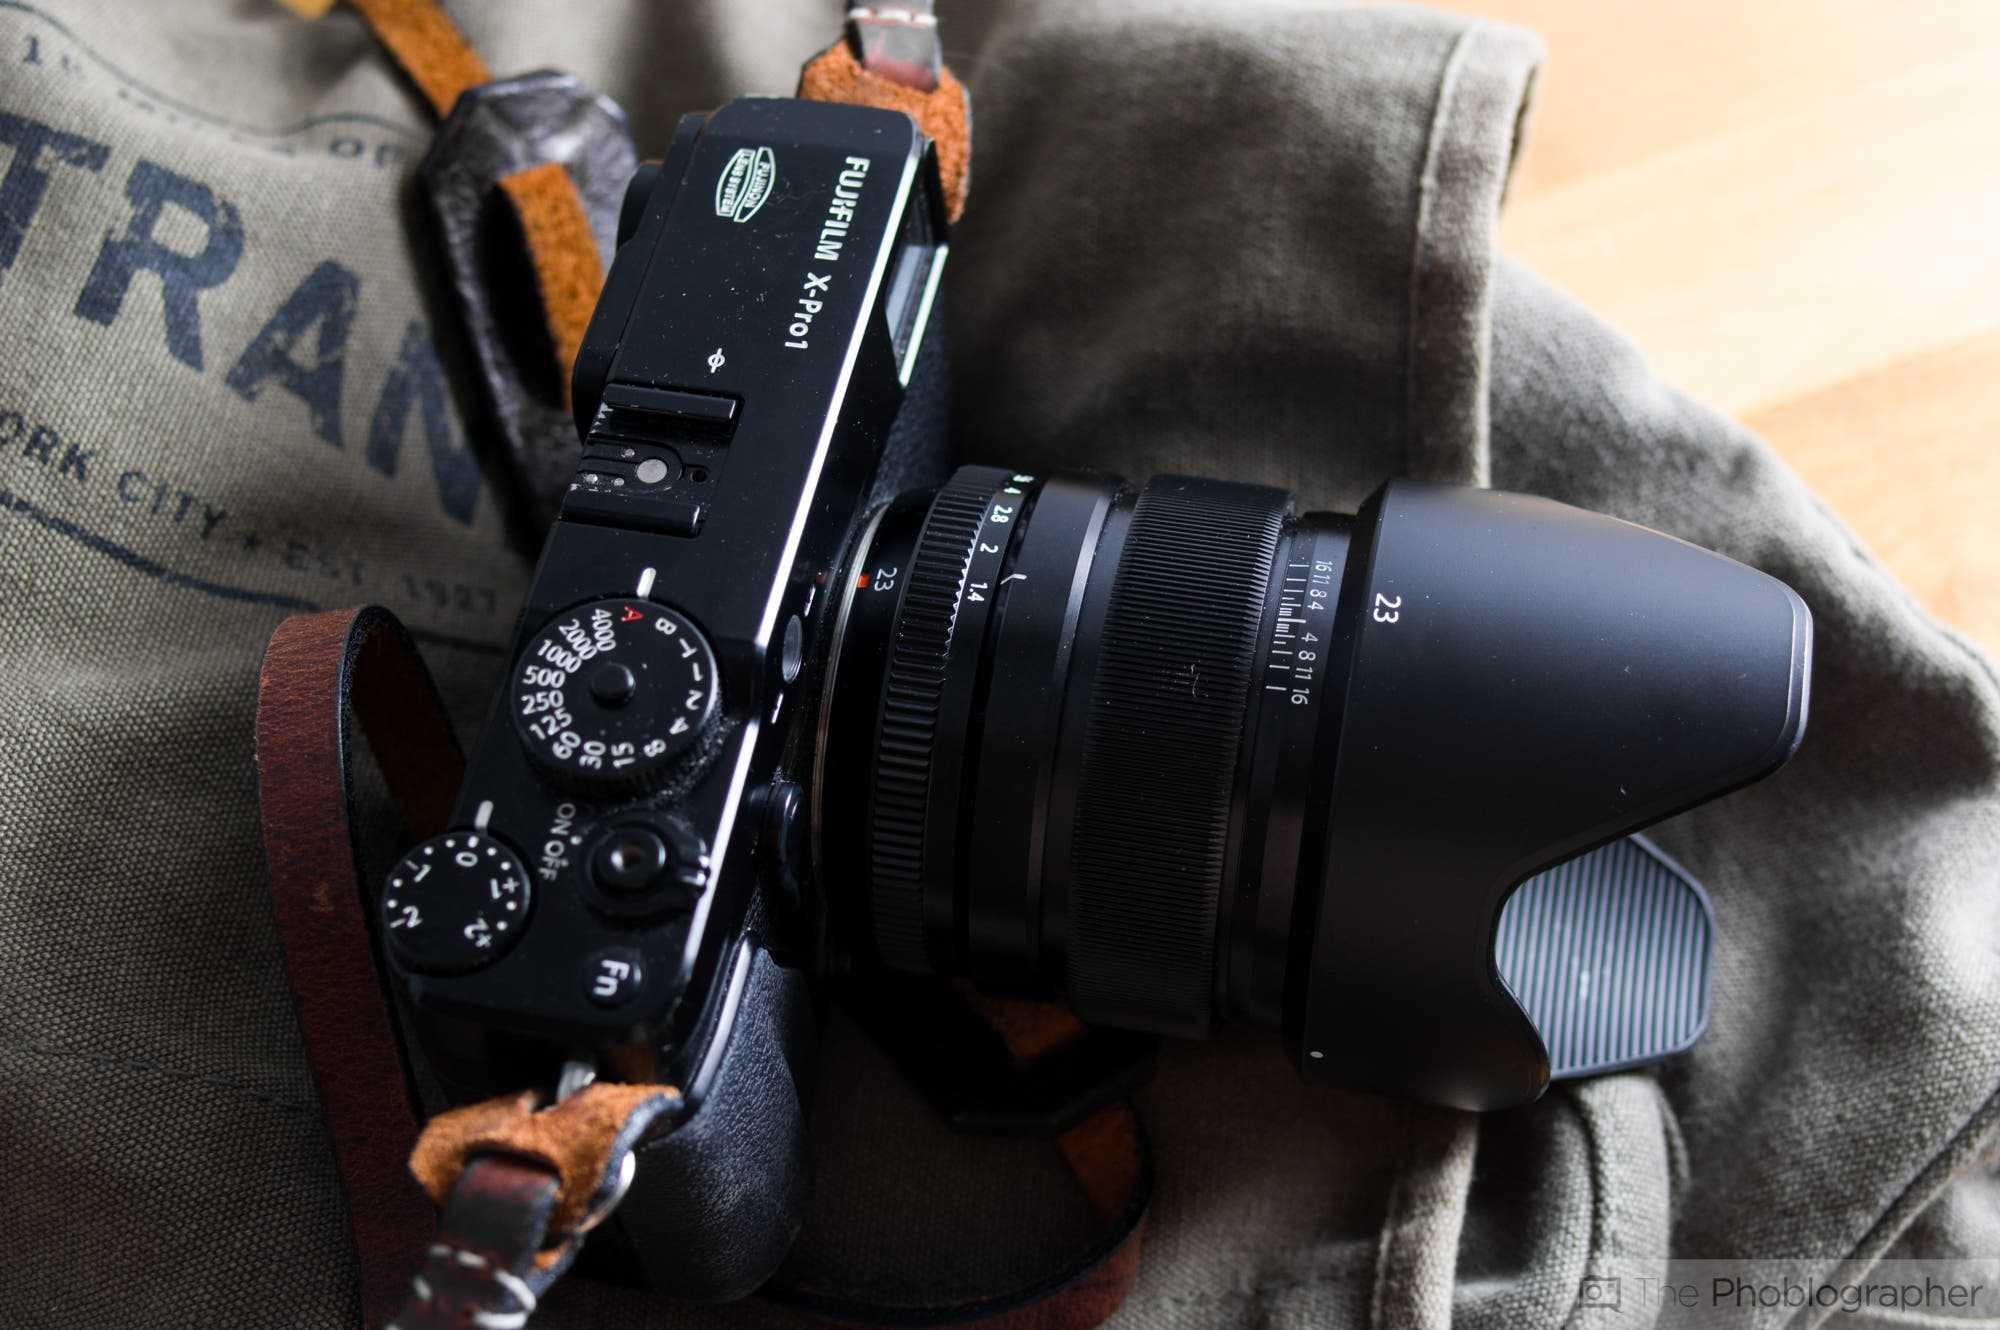 Обновления прошивок для камер fujifilm / системные камеры / новости фототехники